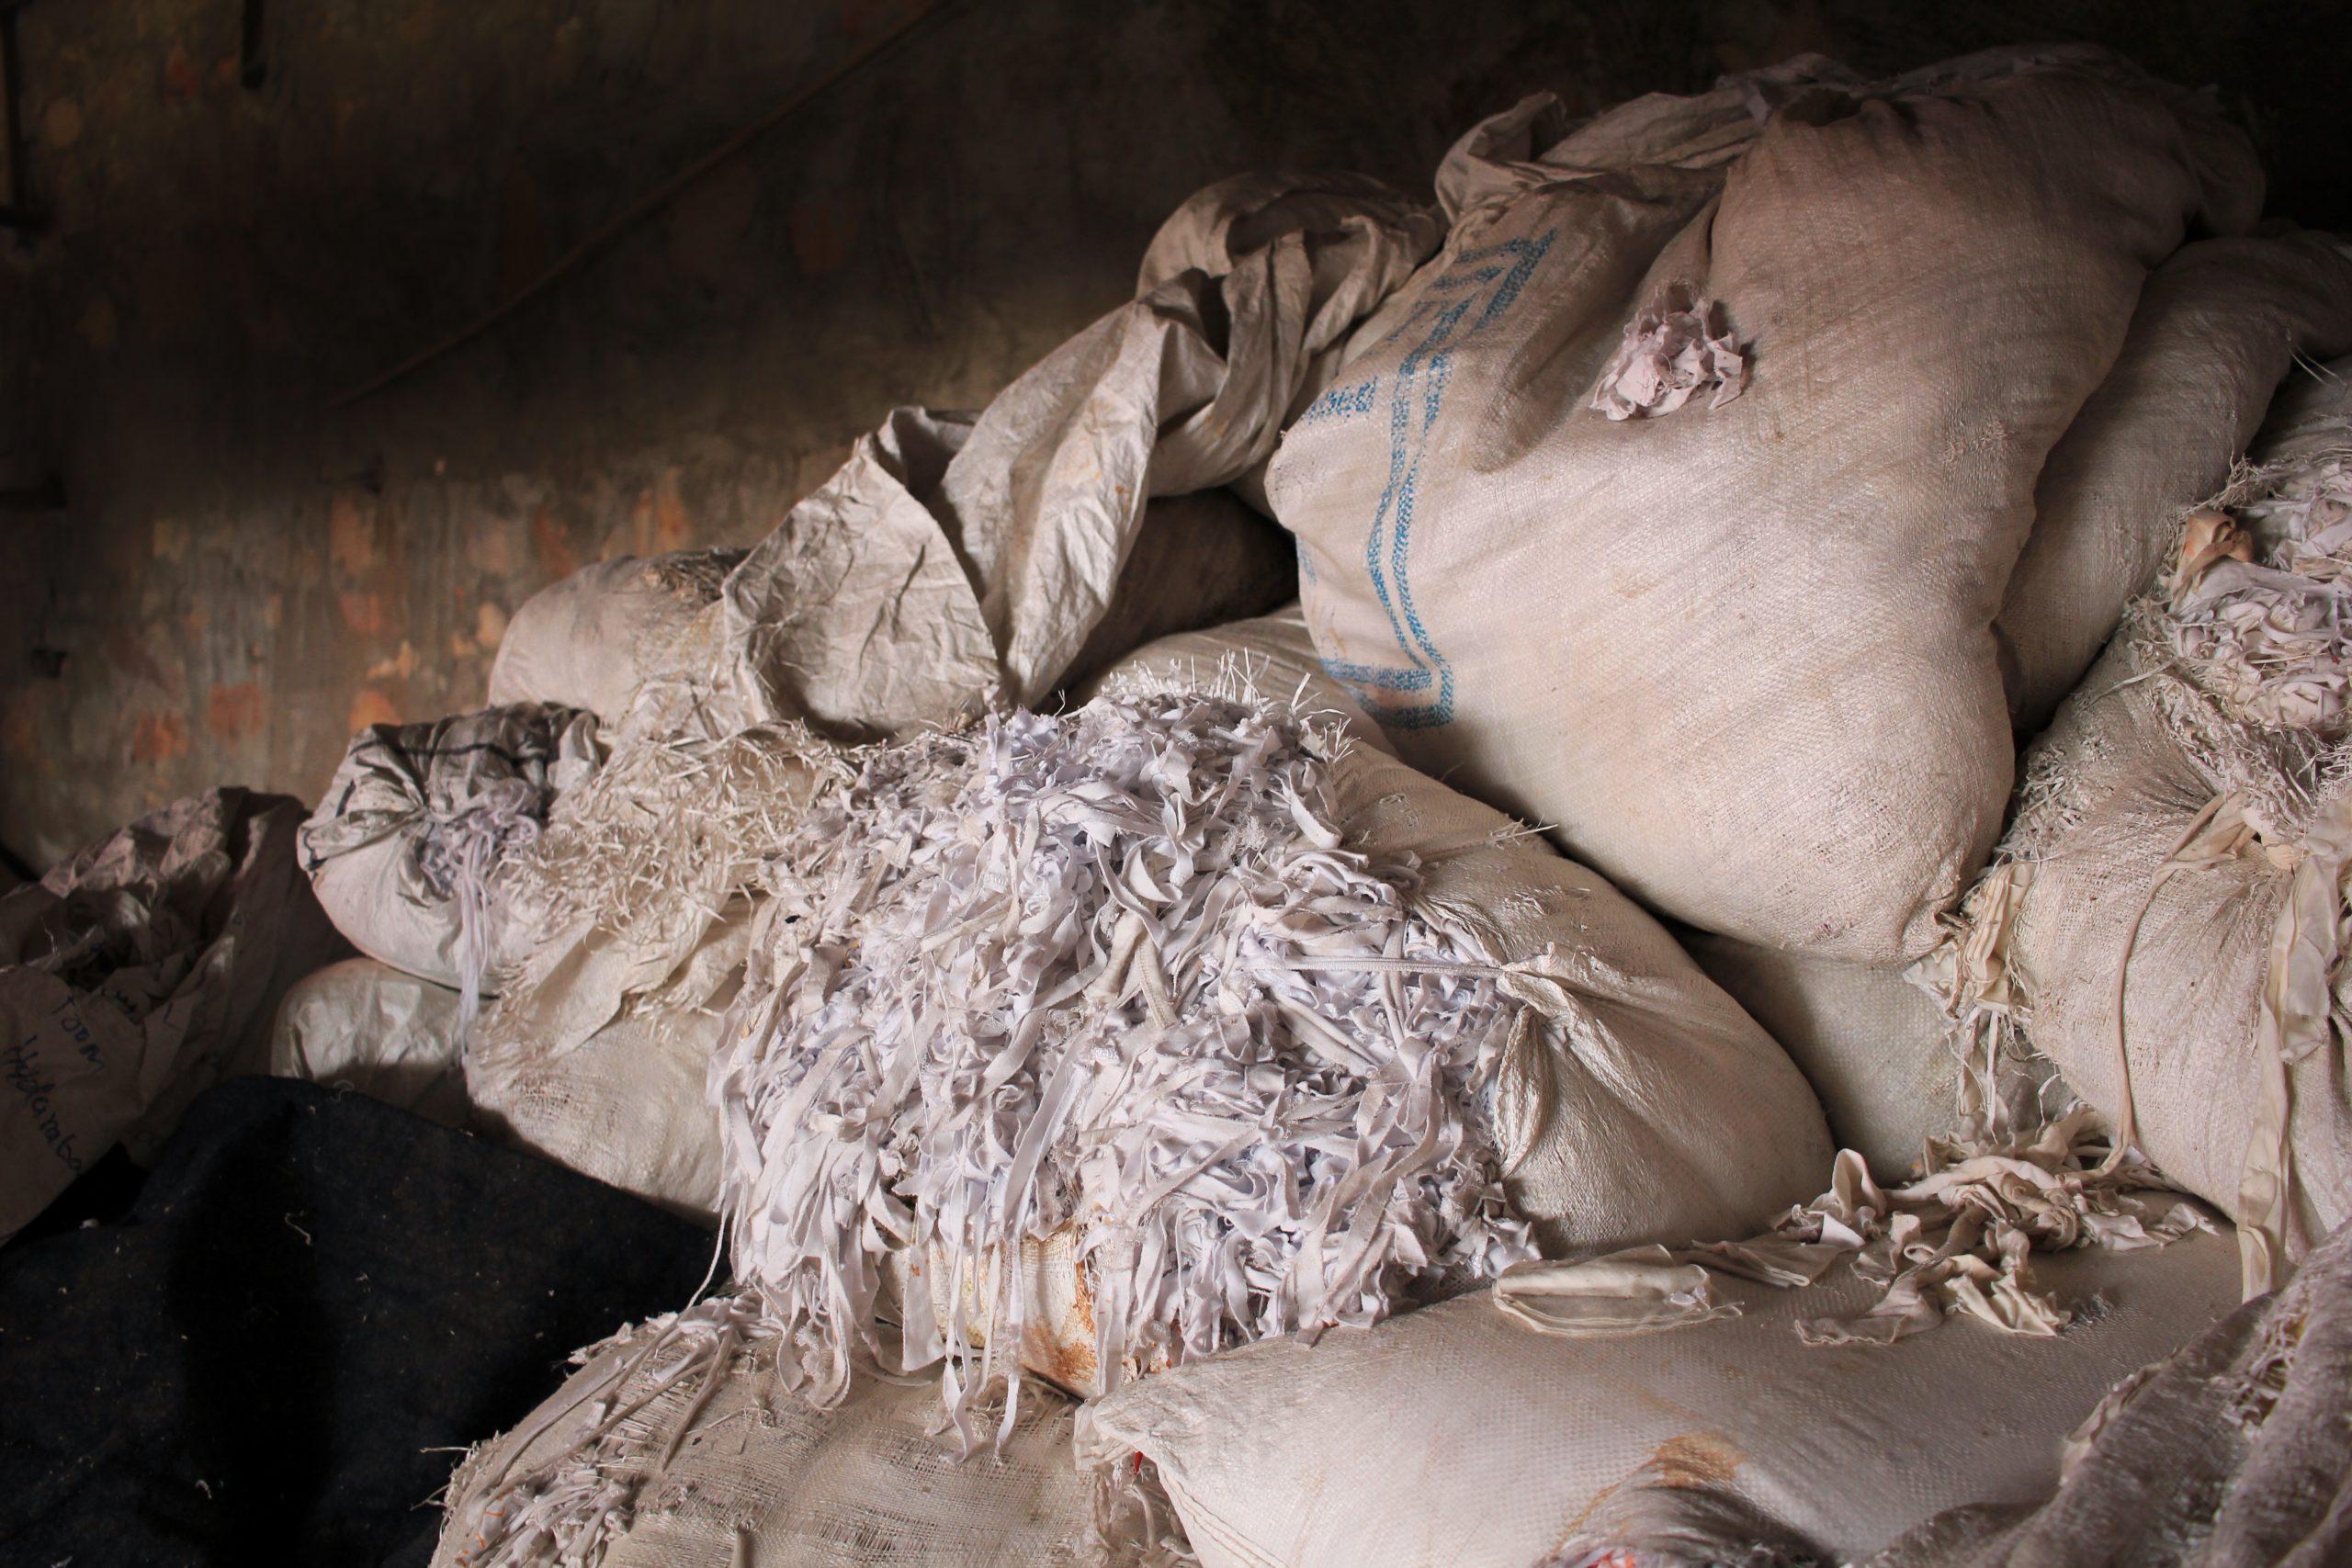 papel ecologico de residuos